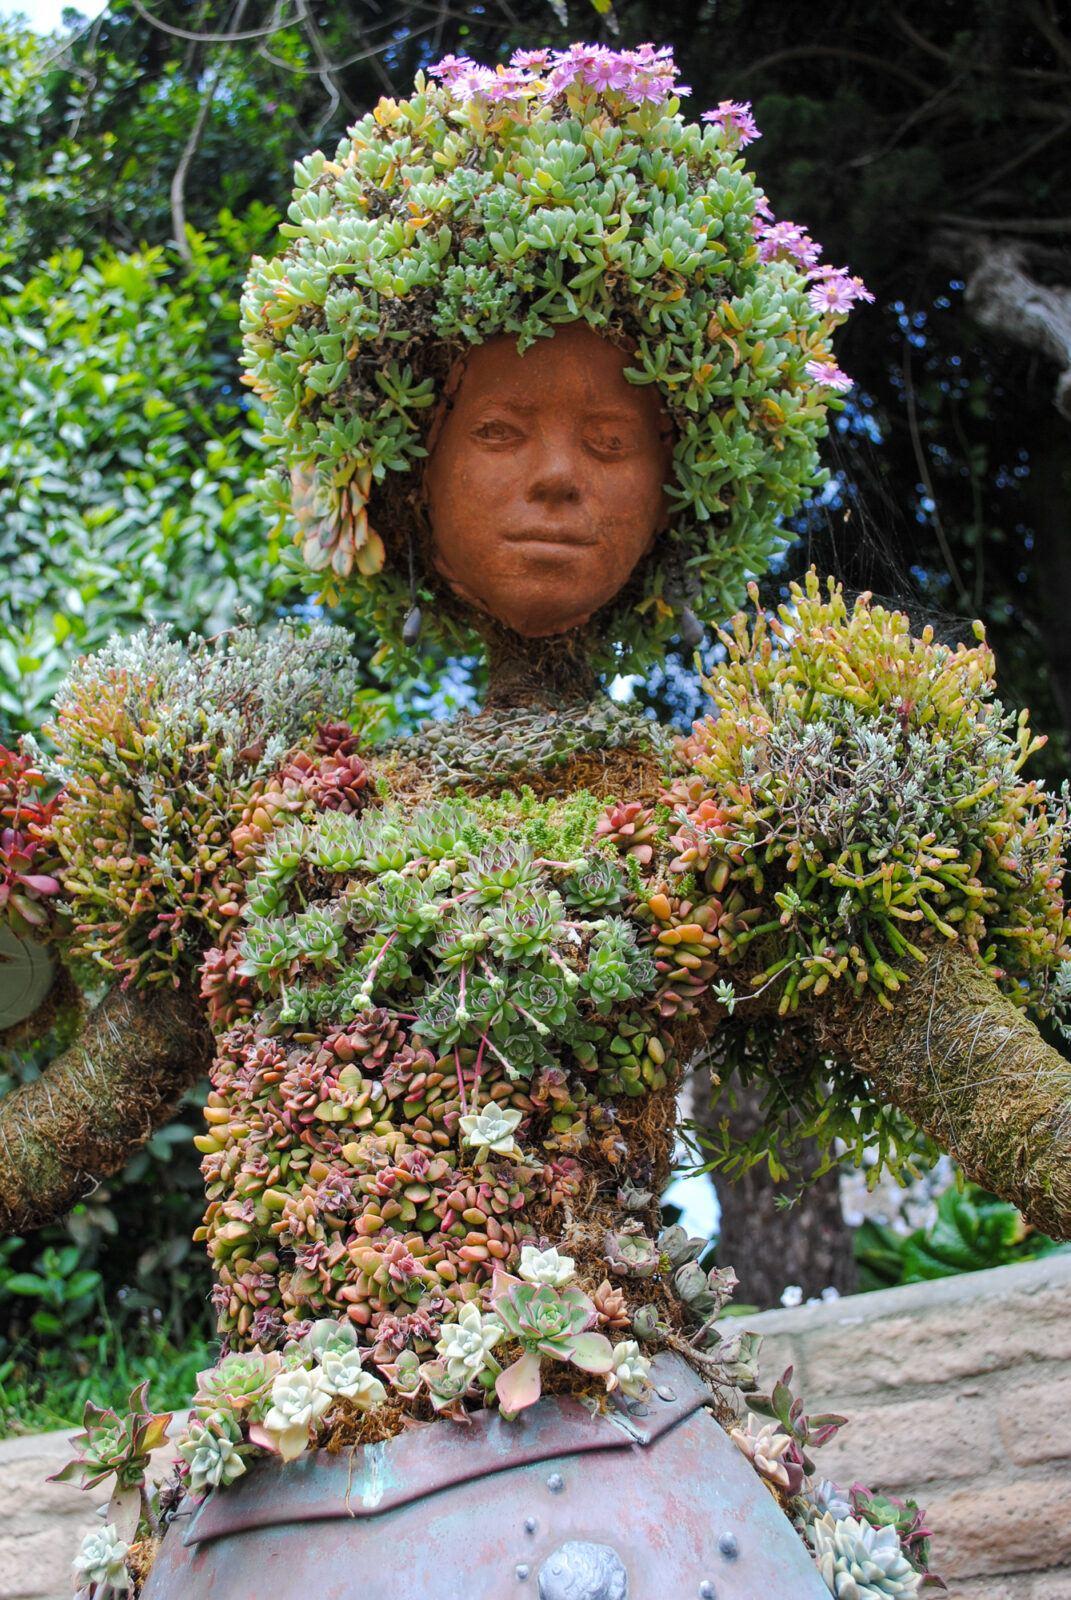 Flamenco topiary in San Diego Botanic Garden's Mexican Garden